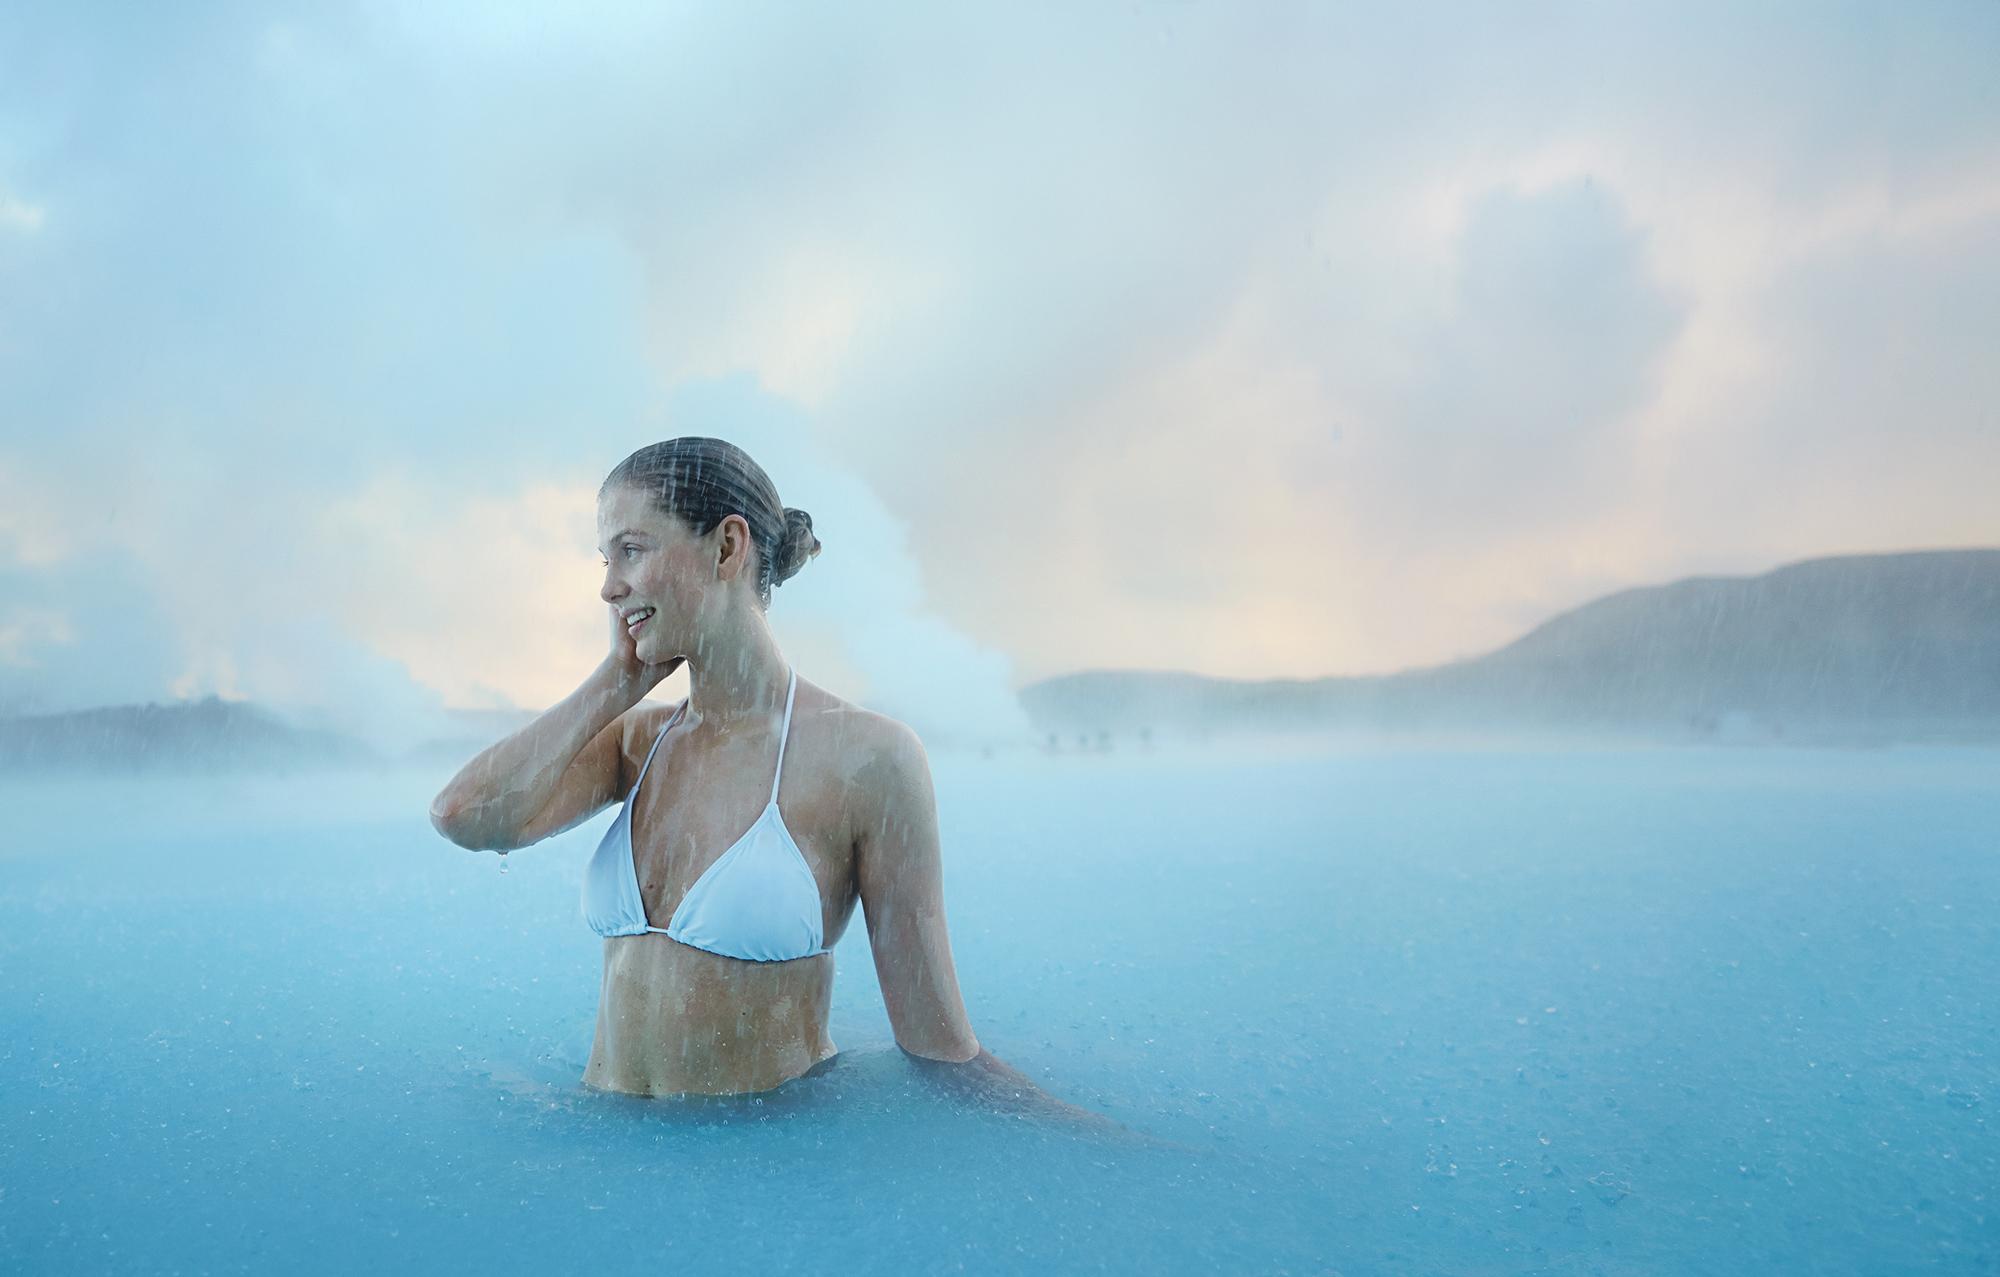 到达冰岛时,可以下了飞机直接出发去蓝湖泡温泉